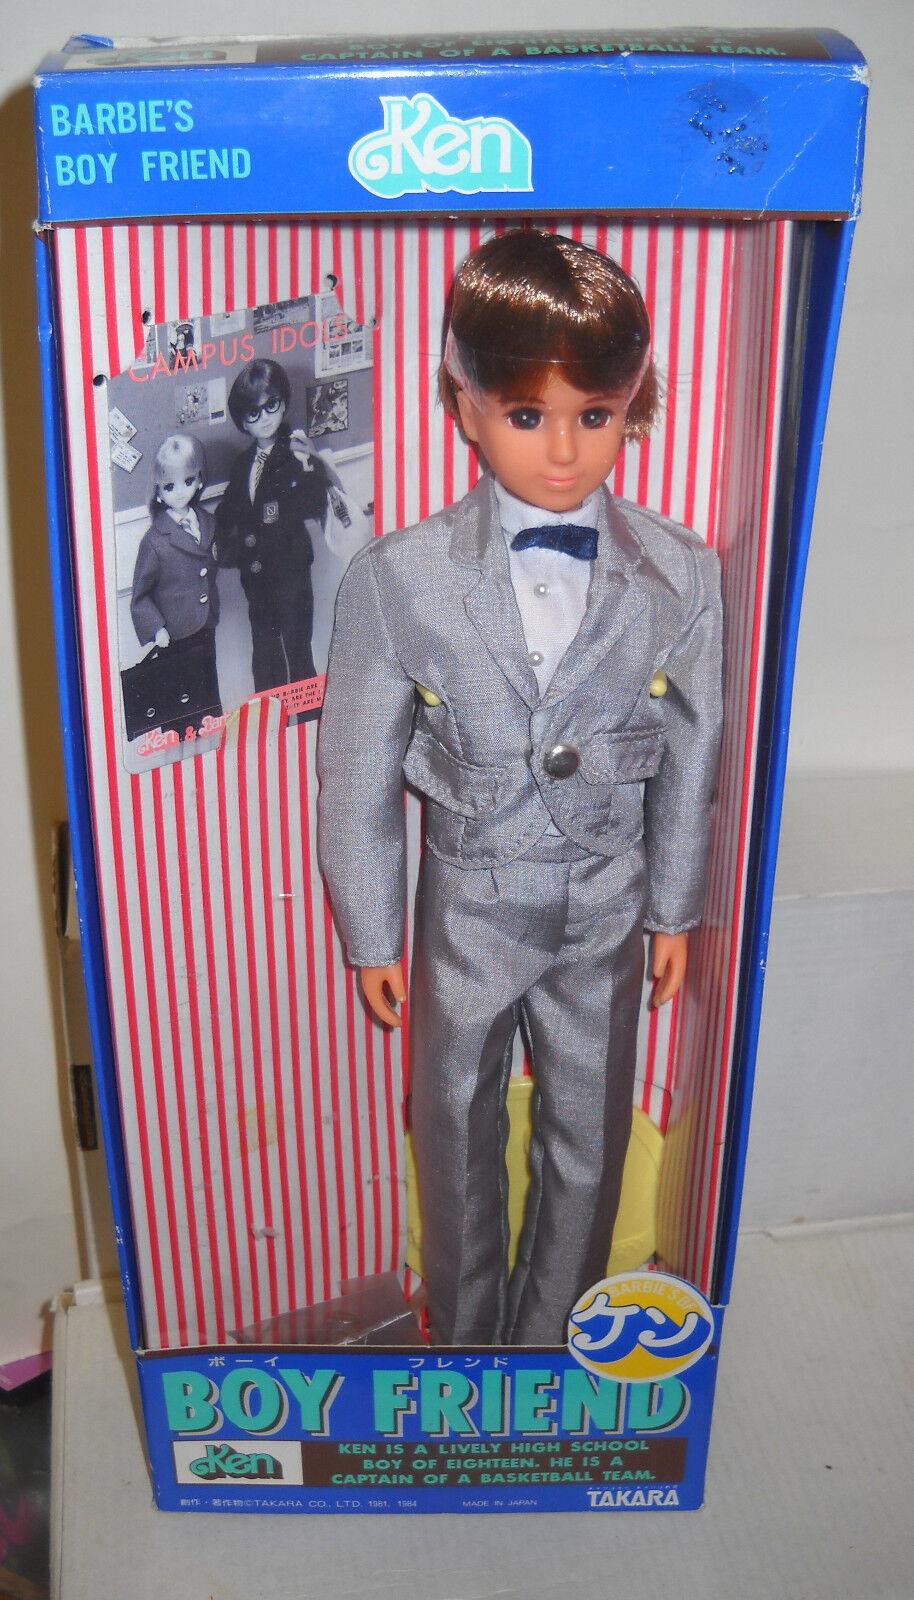 Nunca quitado quitado quitado de la Caja Takara Japón's Boy amigo Ken muñeca Barbie tema extranjeros  alta calidad y envío rápido